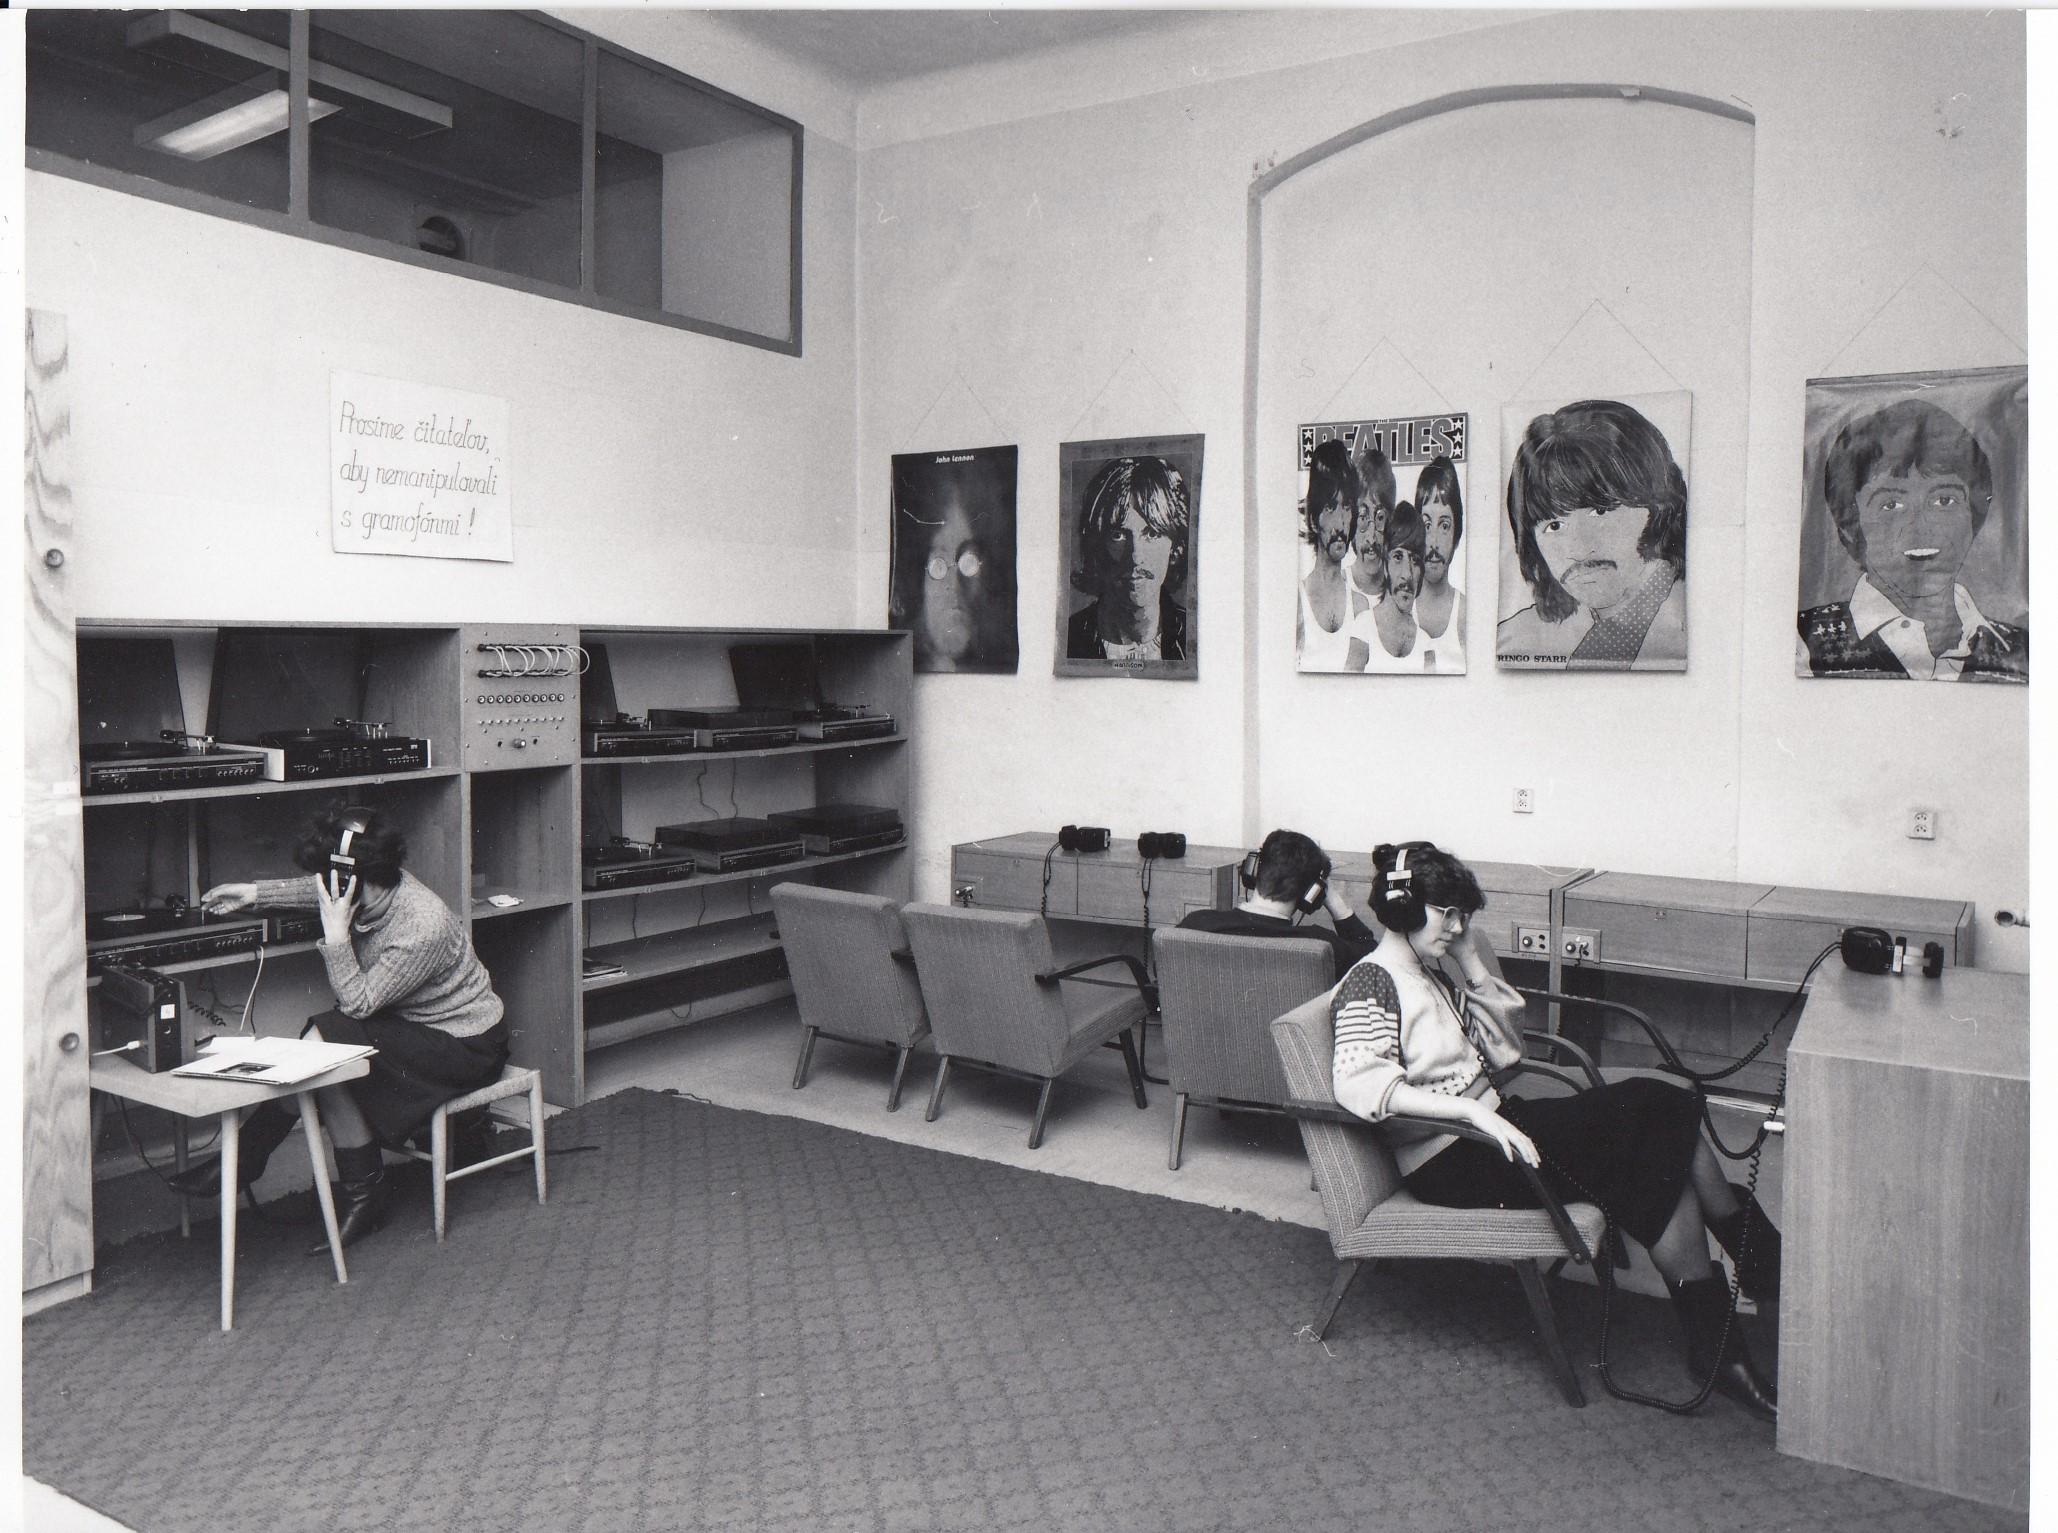 Fotografia zosemdesiatych rokov zobrazuje mladých ľudí počúvajúcich gramofónové platne cez slúchadlá. Na stenách miestnosti sú plagáty The Beatles.